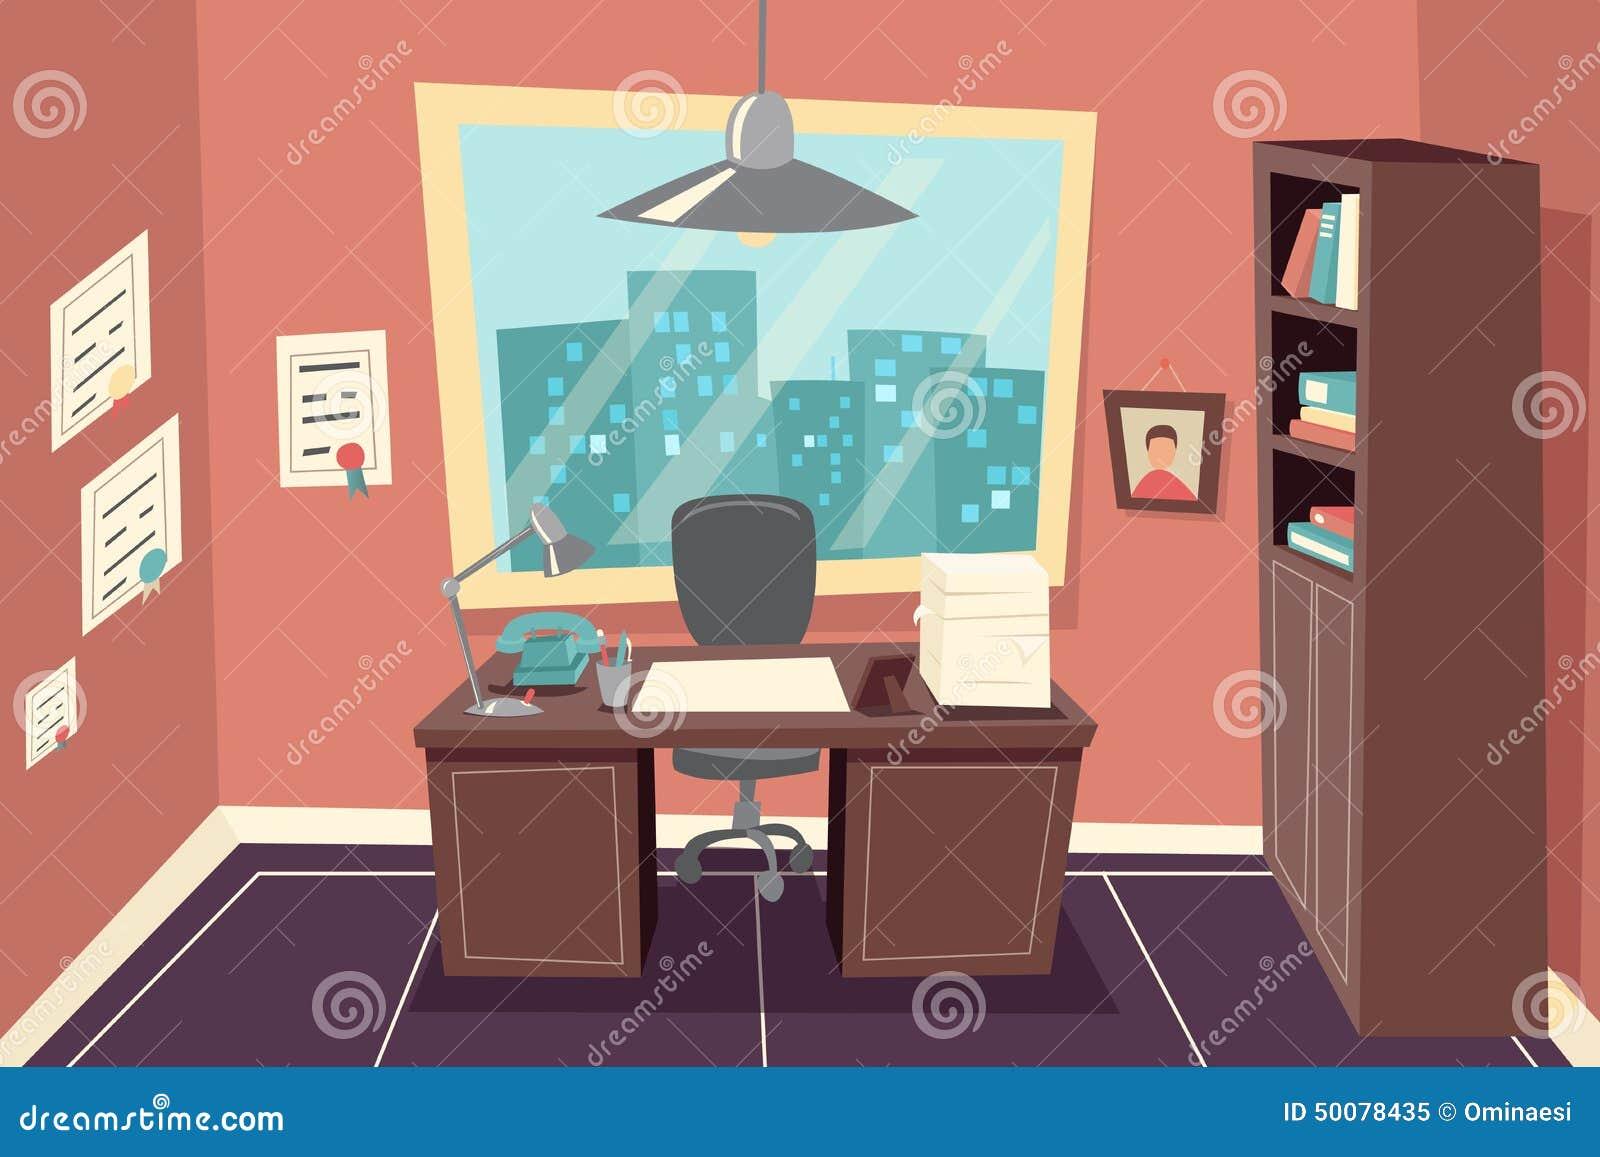 interior design clip art